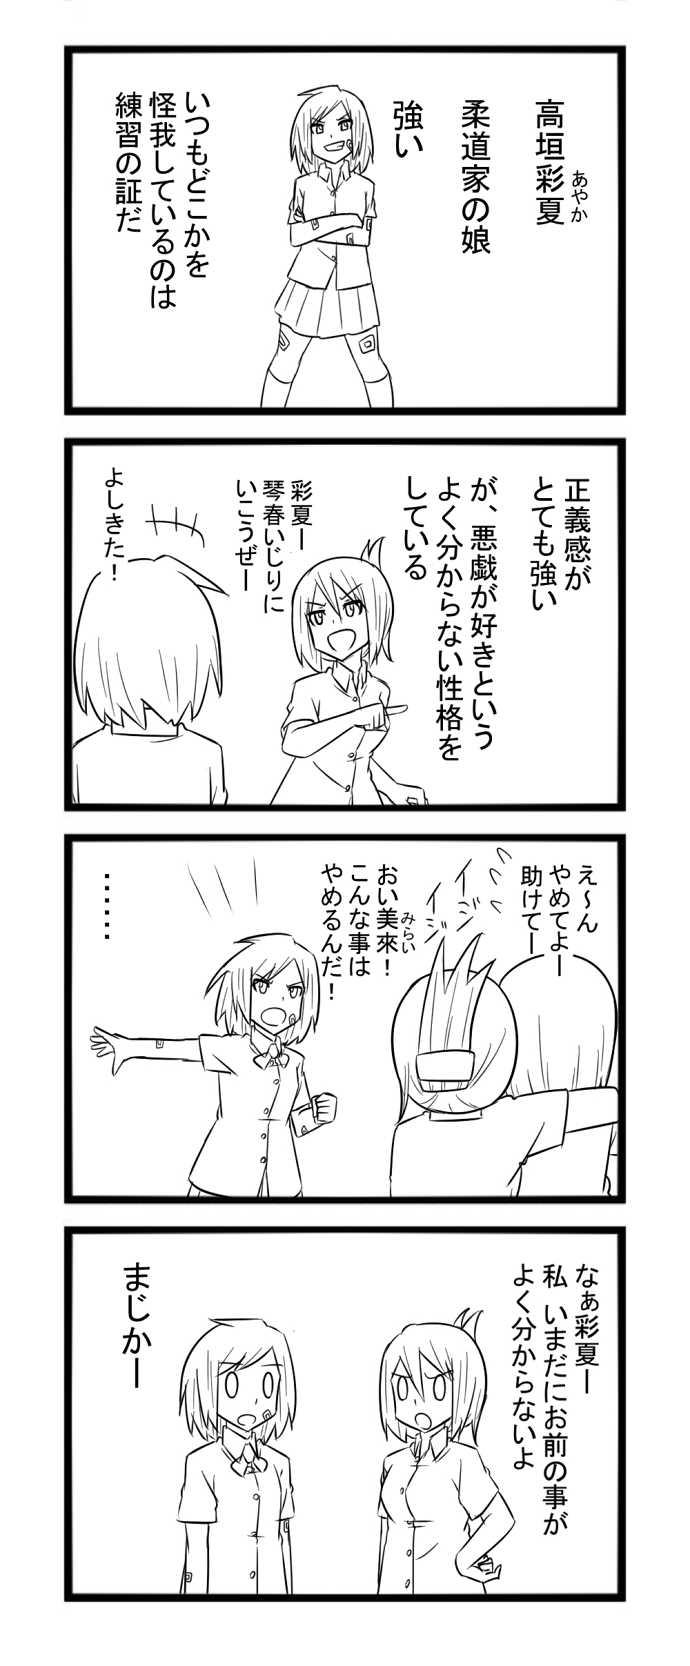 サイドストーリーpart1